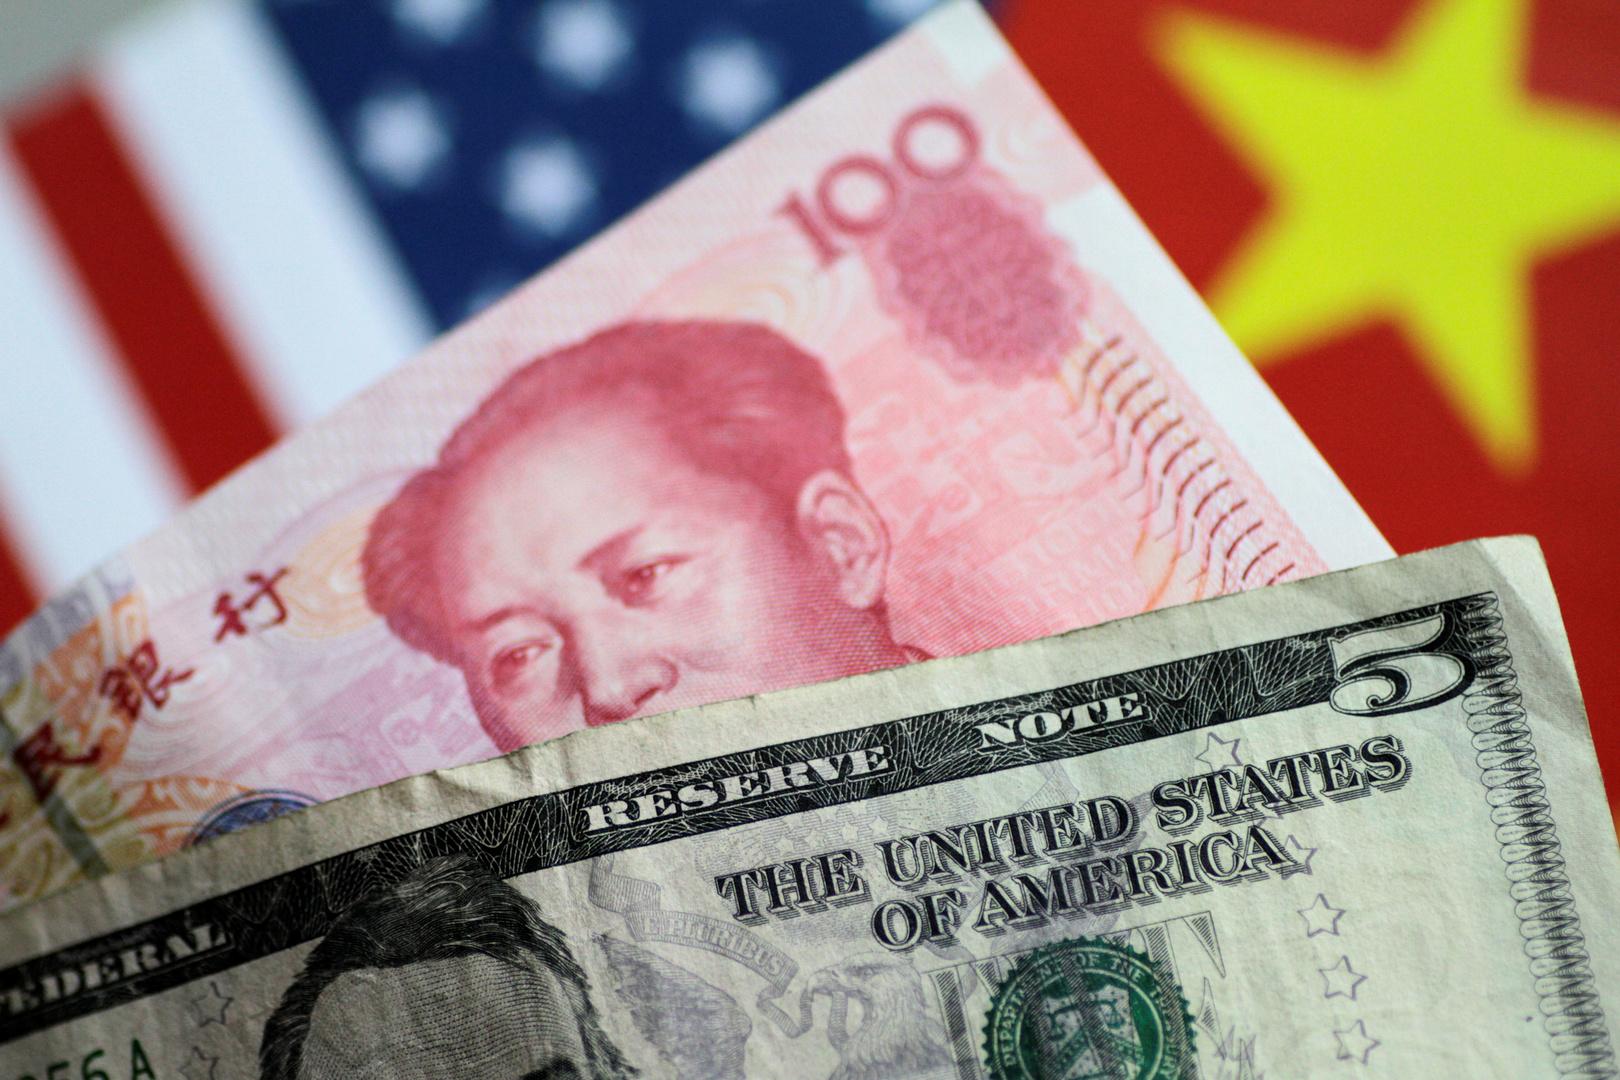 بلينكن حول الاستثمار الصيني في الغرب: علينا أن نكون حذرين للغاية